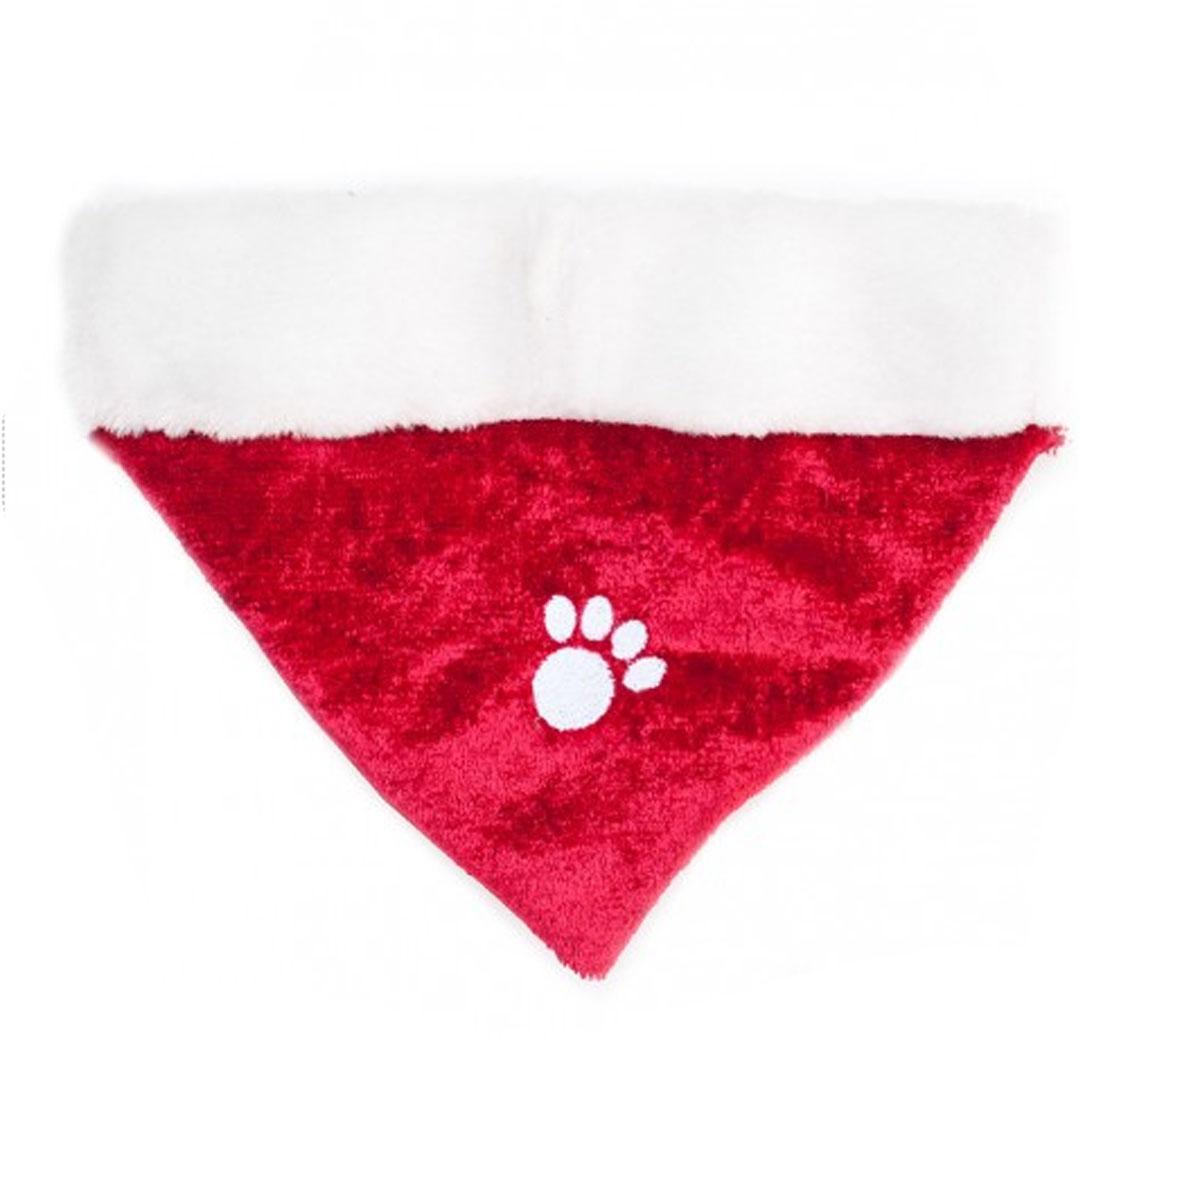 ZippyPaws Holiday Paw Dog Bandana - Red